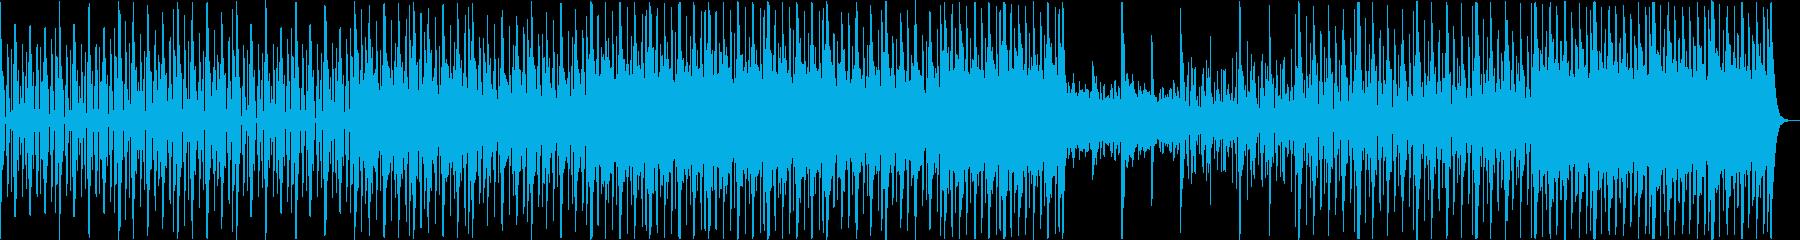 ギターの旋律がアンビエントな場面を演出の再生済みの波形